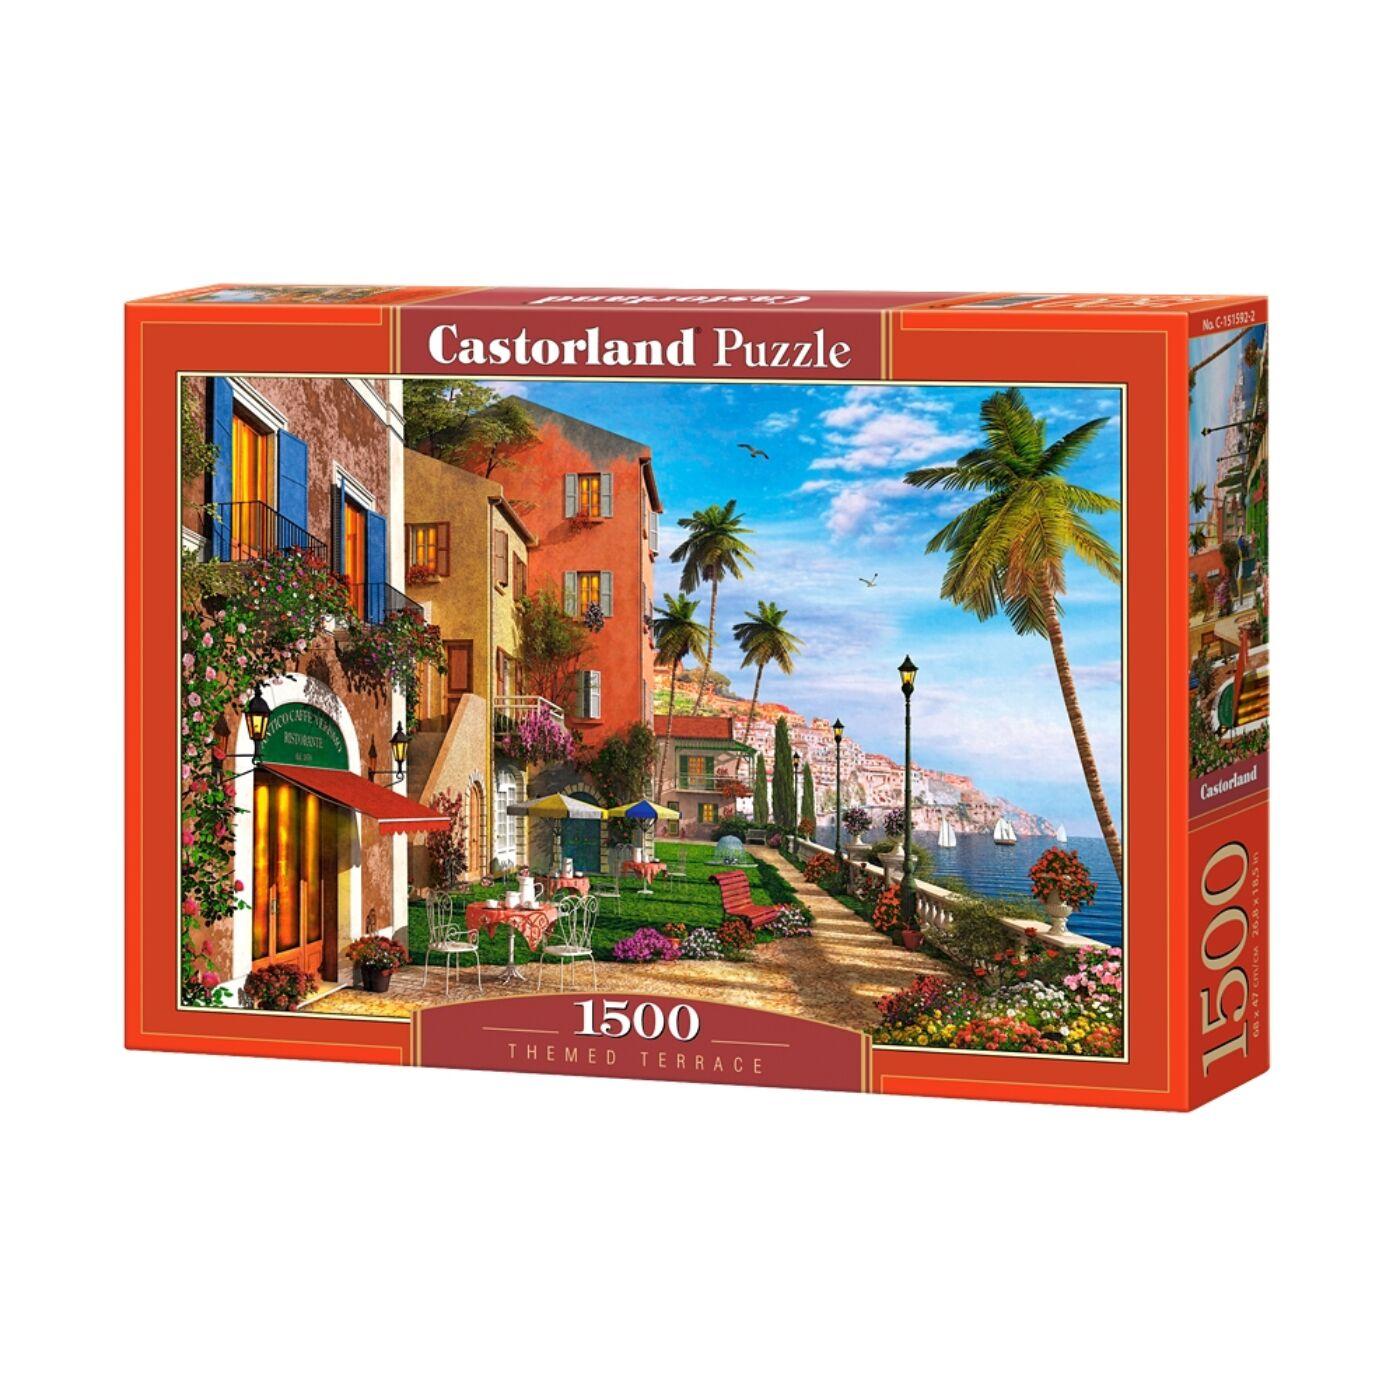 1500 db-os kirakó - Egzotikus terasz